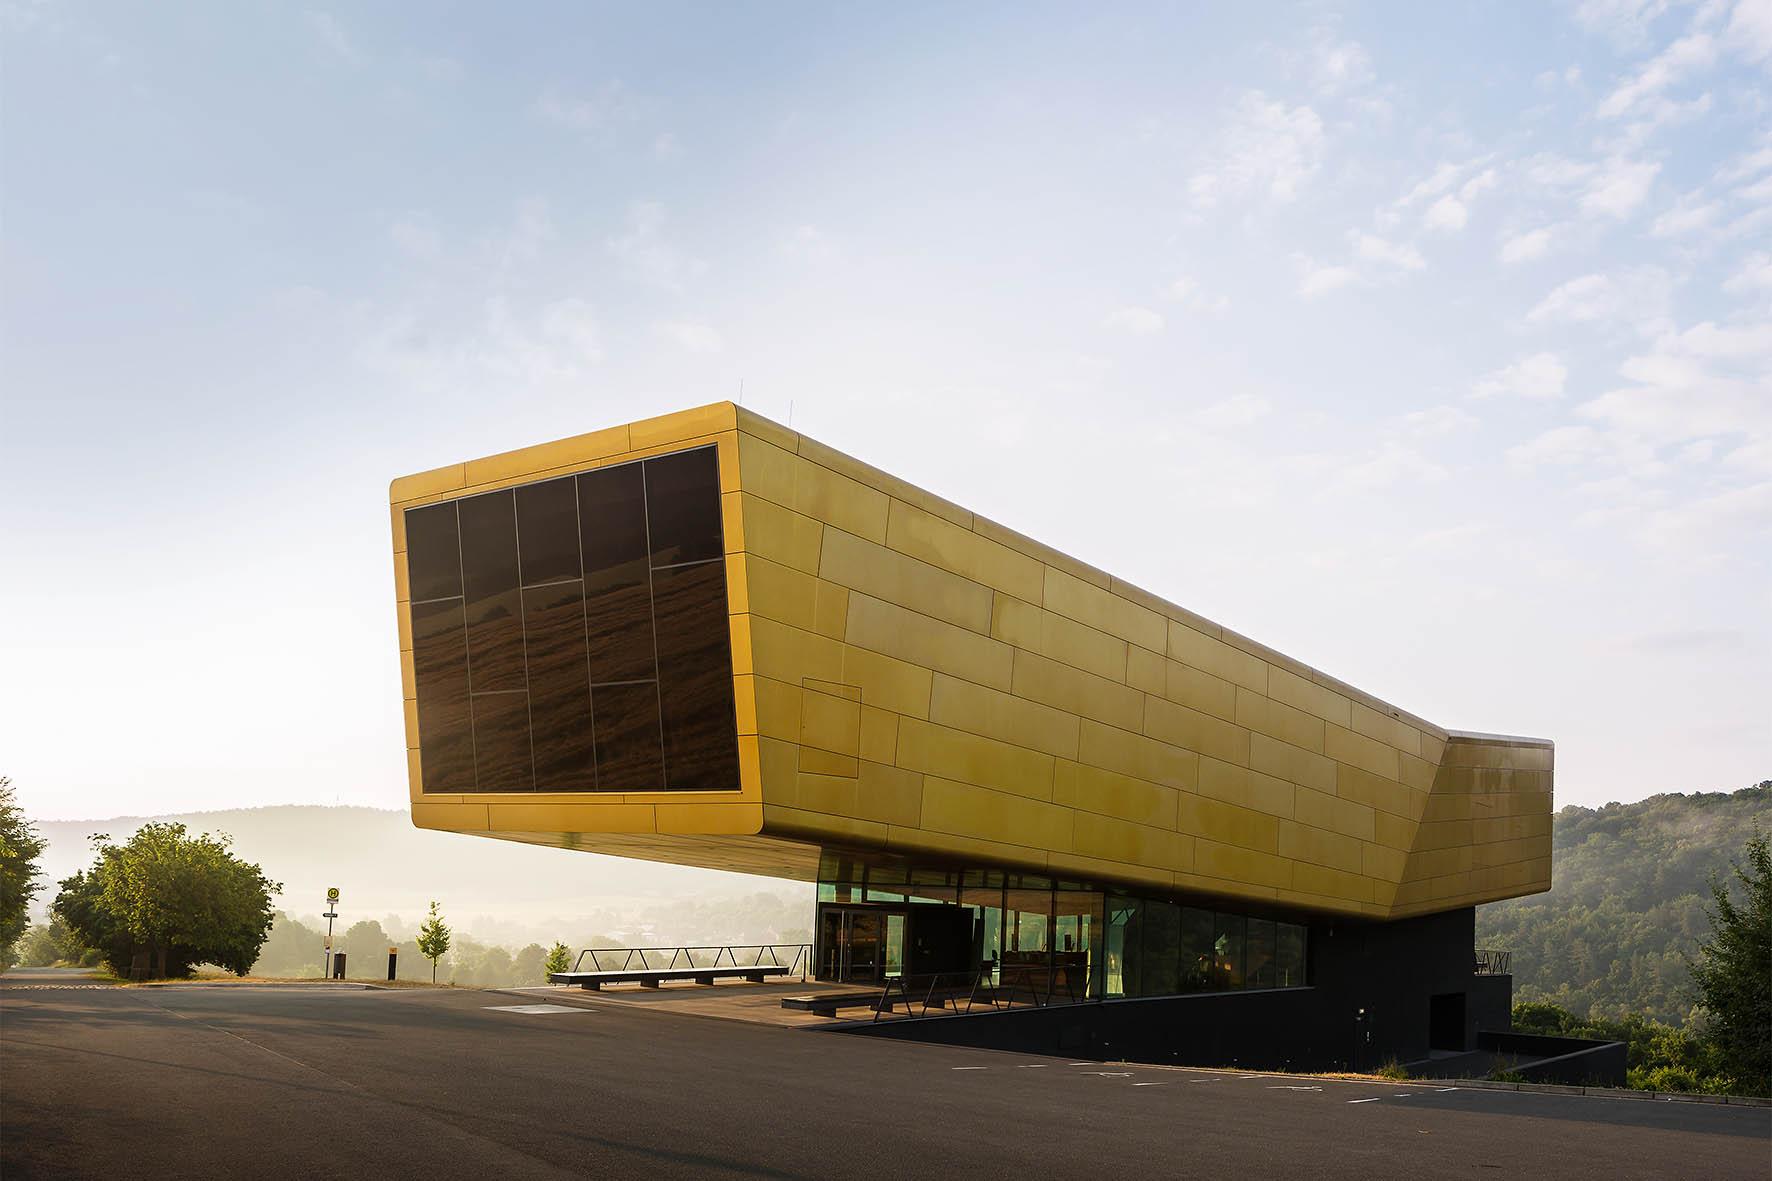 Arche Nebra Museumsbau